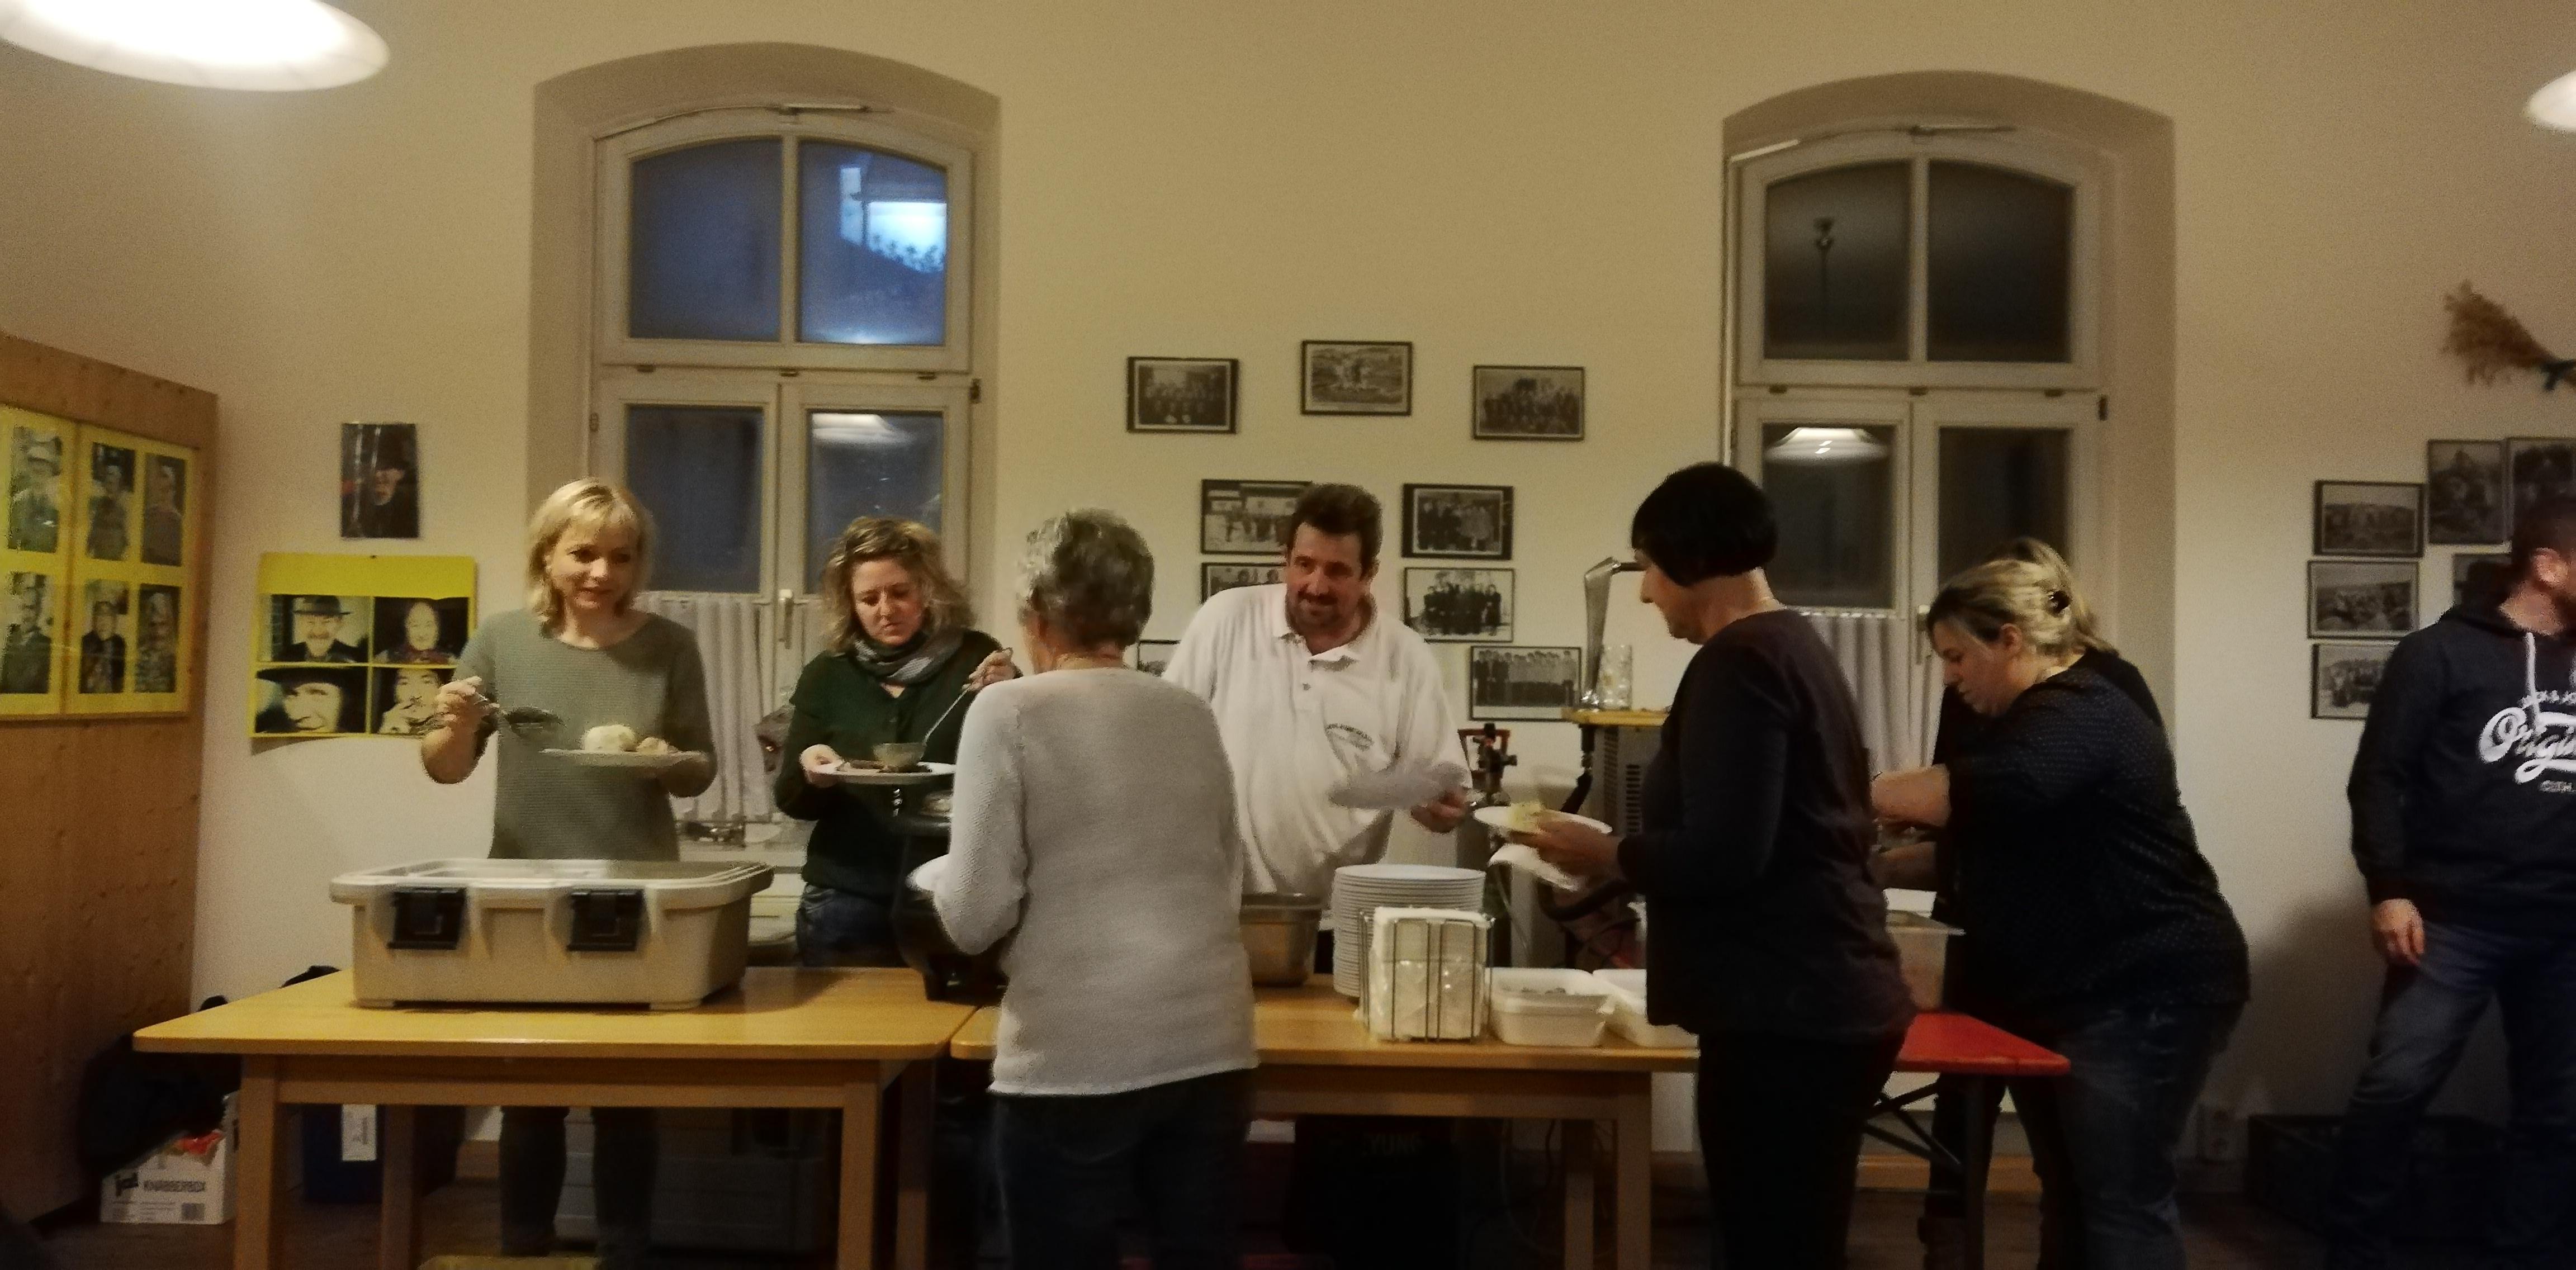 Jahresabschlussfeier 2018 - Gutes Essen von der Familie Königseder